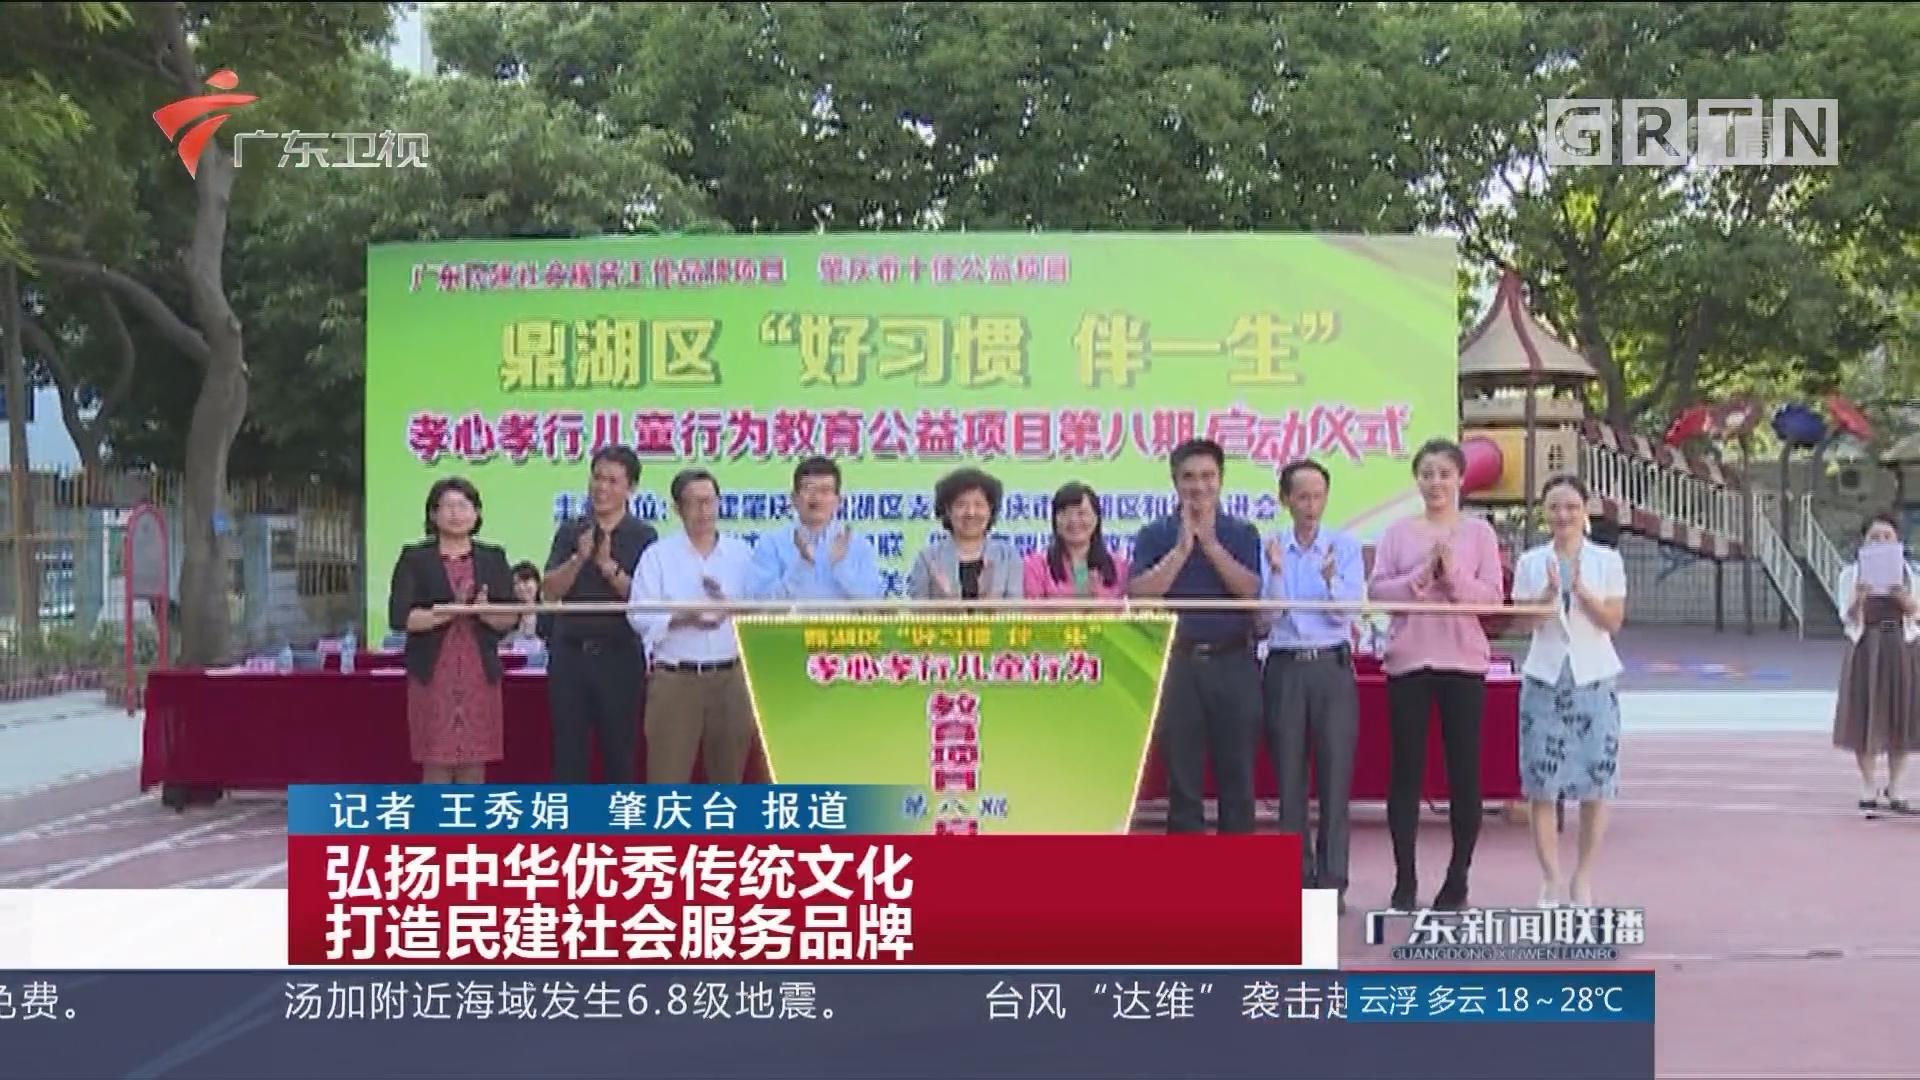 弘扬中华优秀传统文化 打造民建社会服务品牌